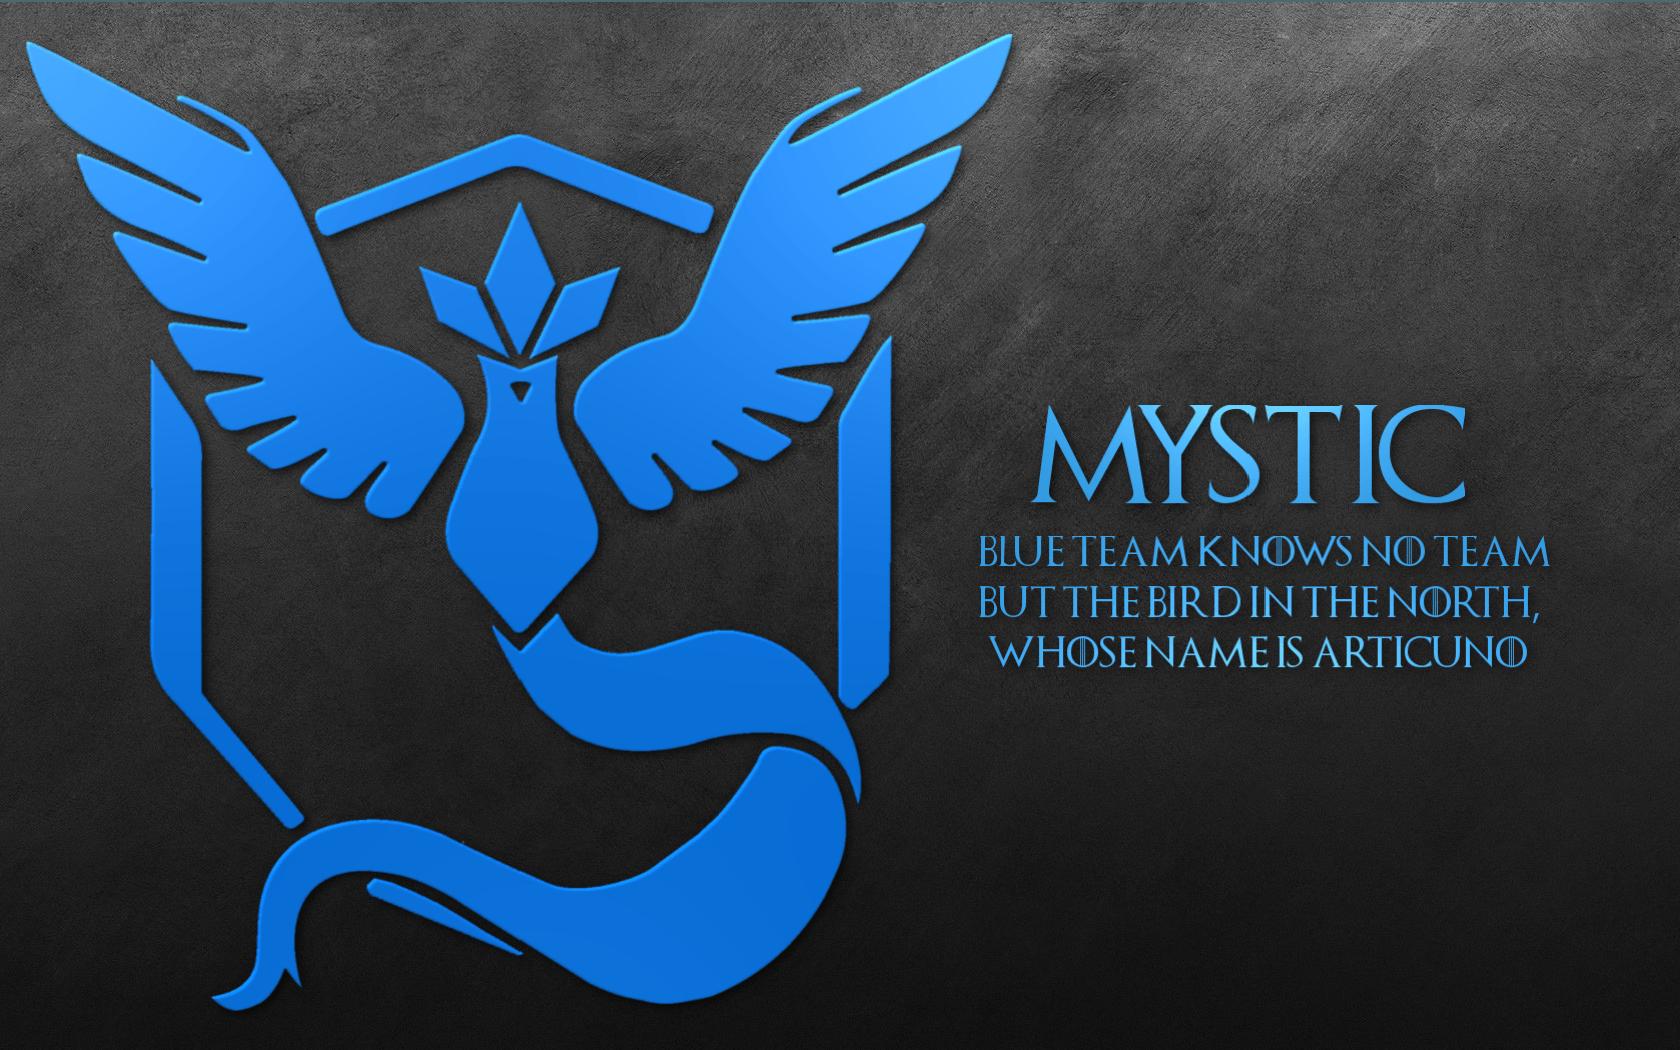 Team Mystic Wallpapers - Wallpaper Cave